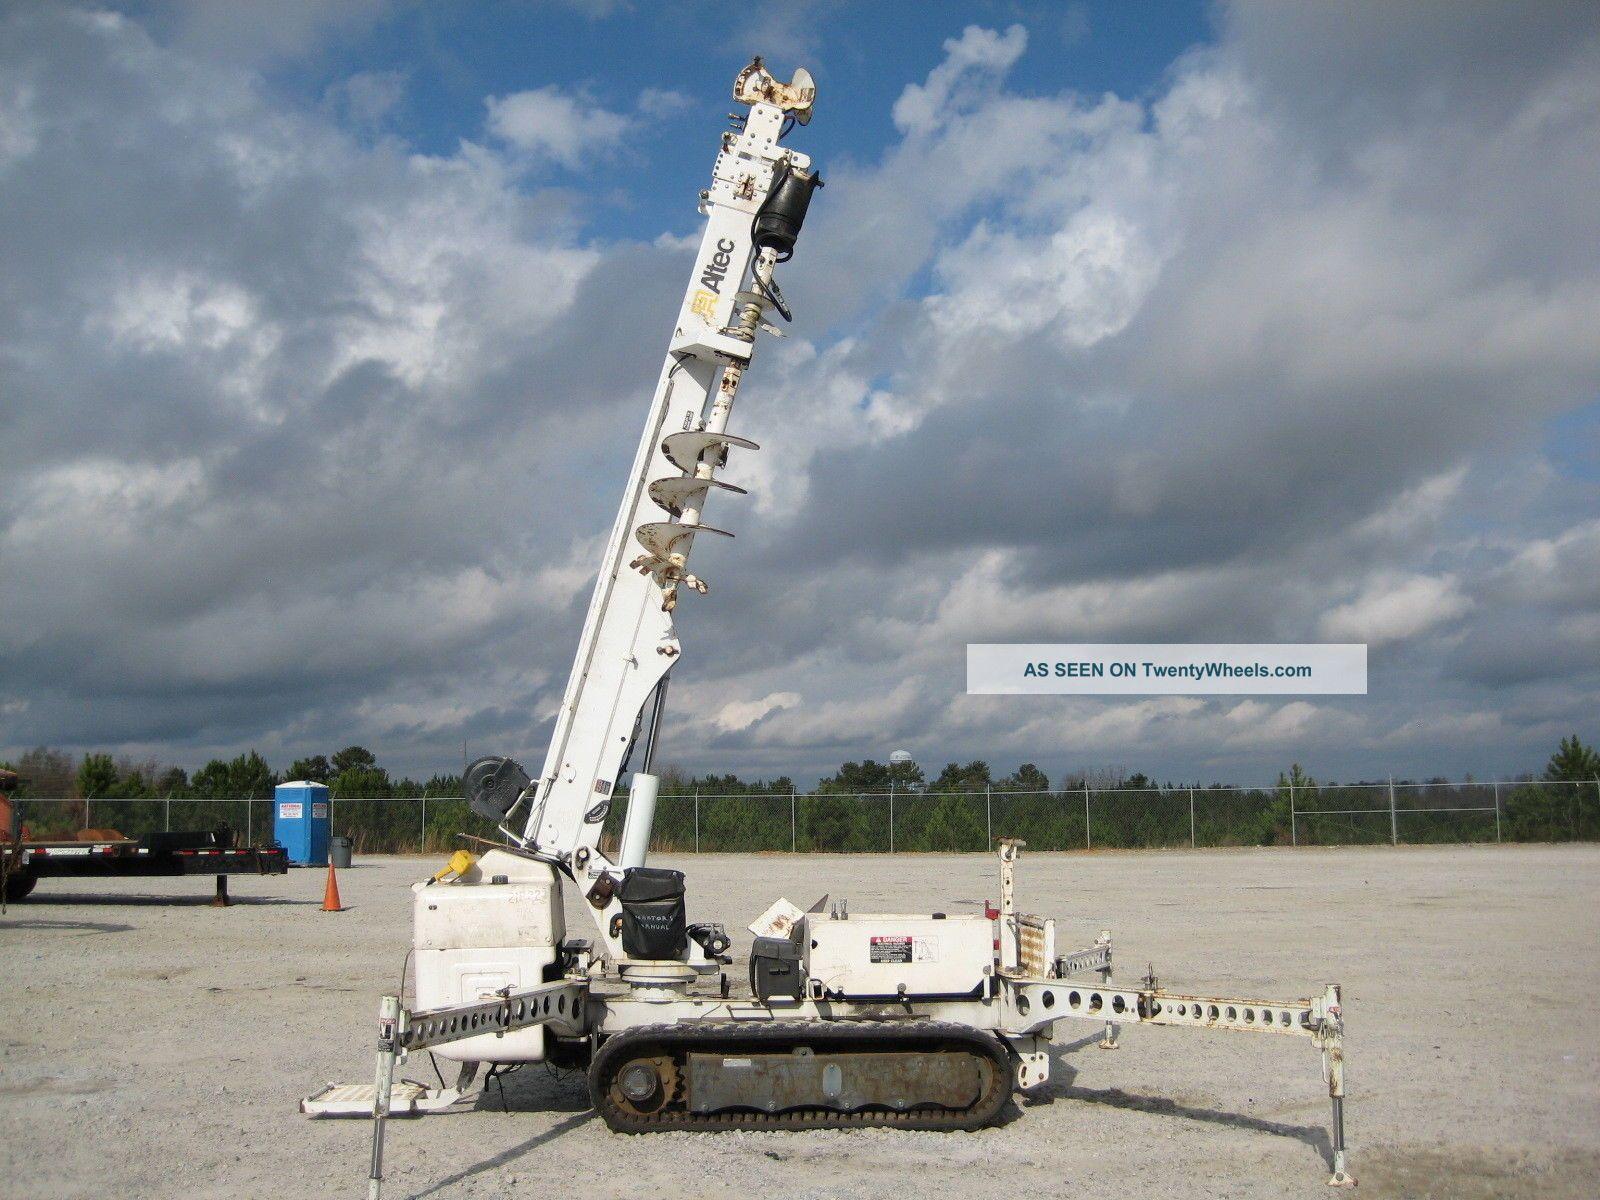 Altec Db35 Tracked Backyard Digger Derrick 35 ' Ht 3000 Lb.  Cap Diesel Remote Tn. Cranes photo